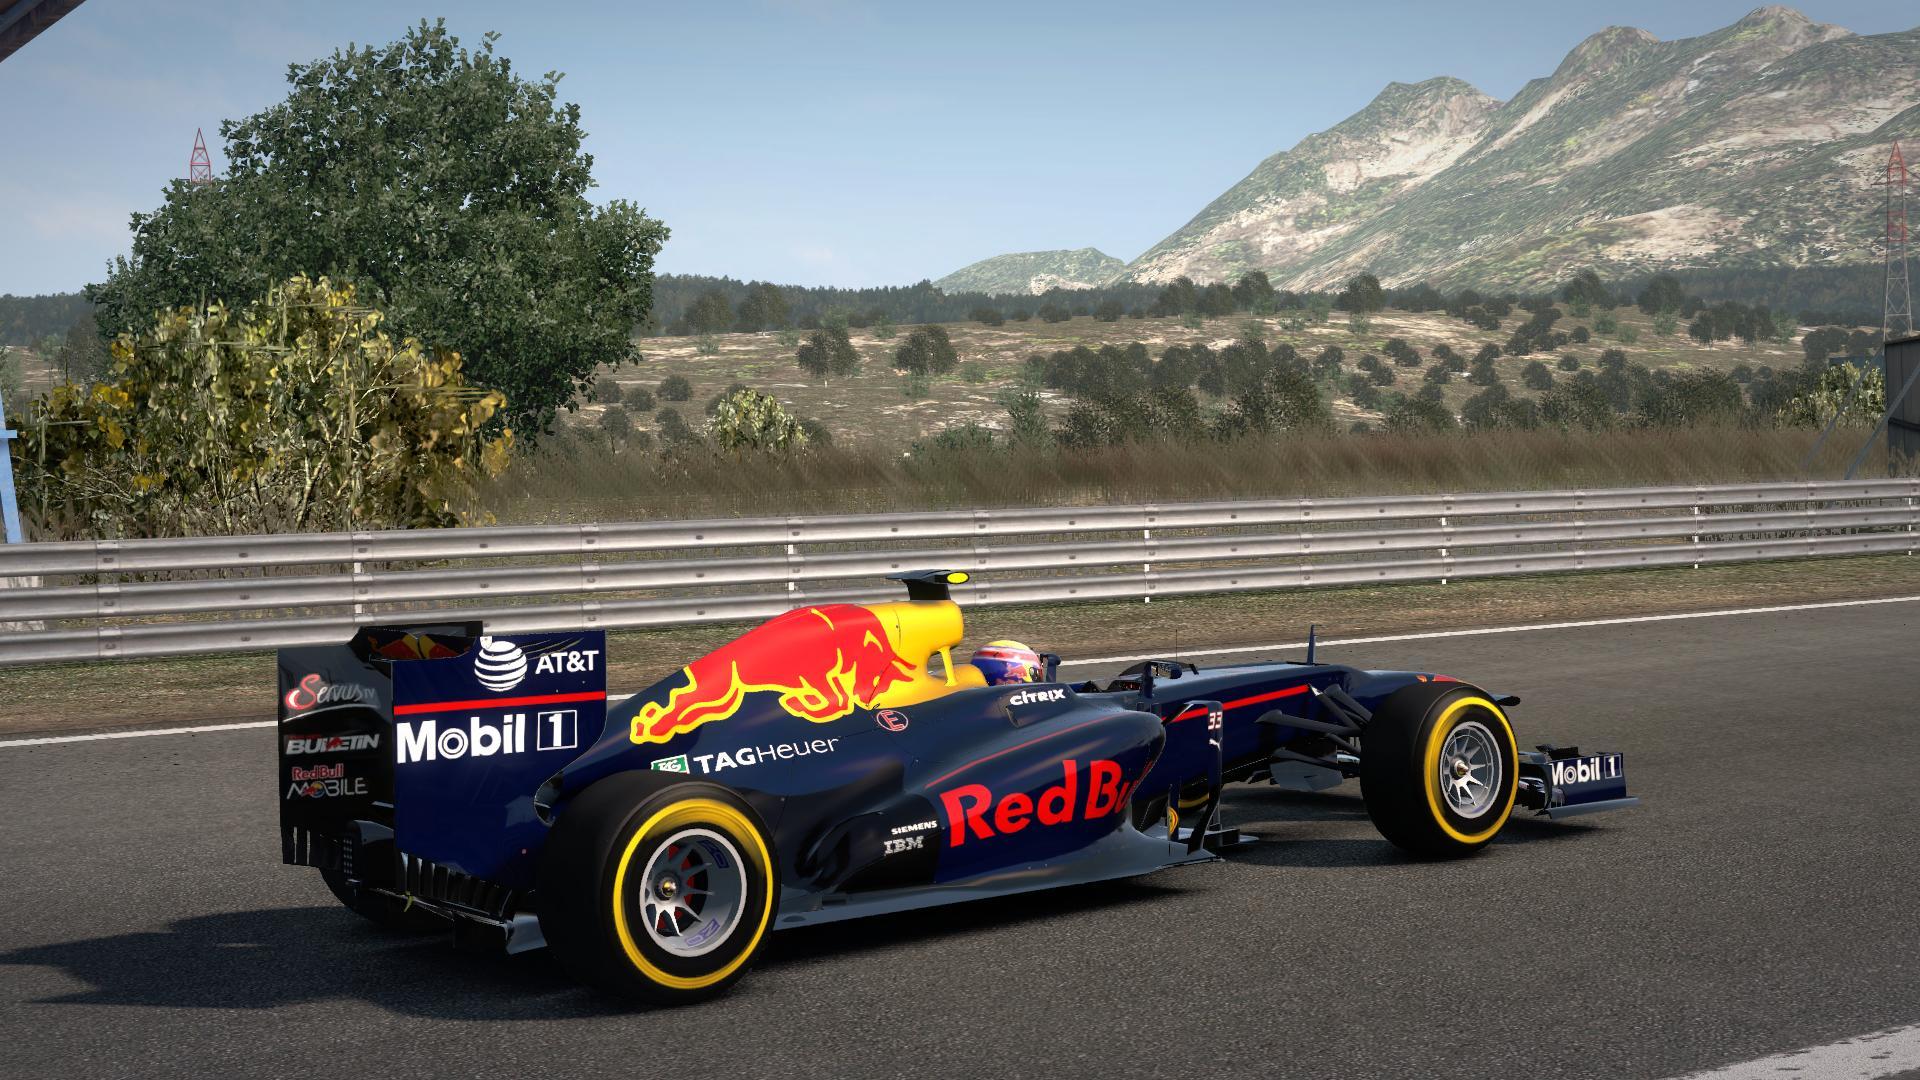 F1_2013 2017-04-18 13-08-59-27.jpg